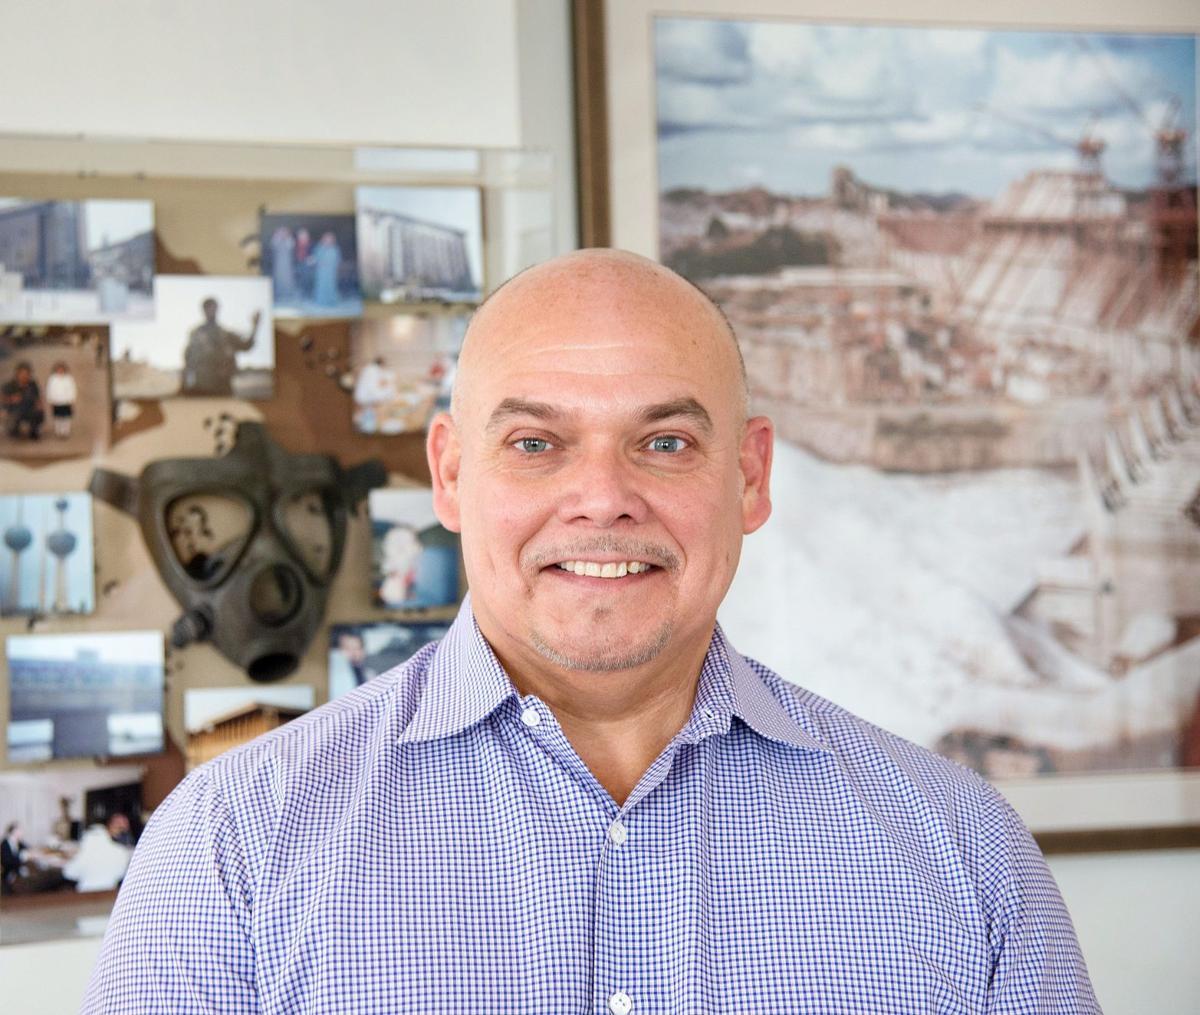 Steve Hillard: Serial entrepreneur